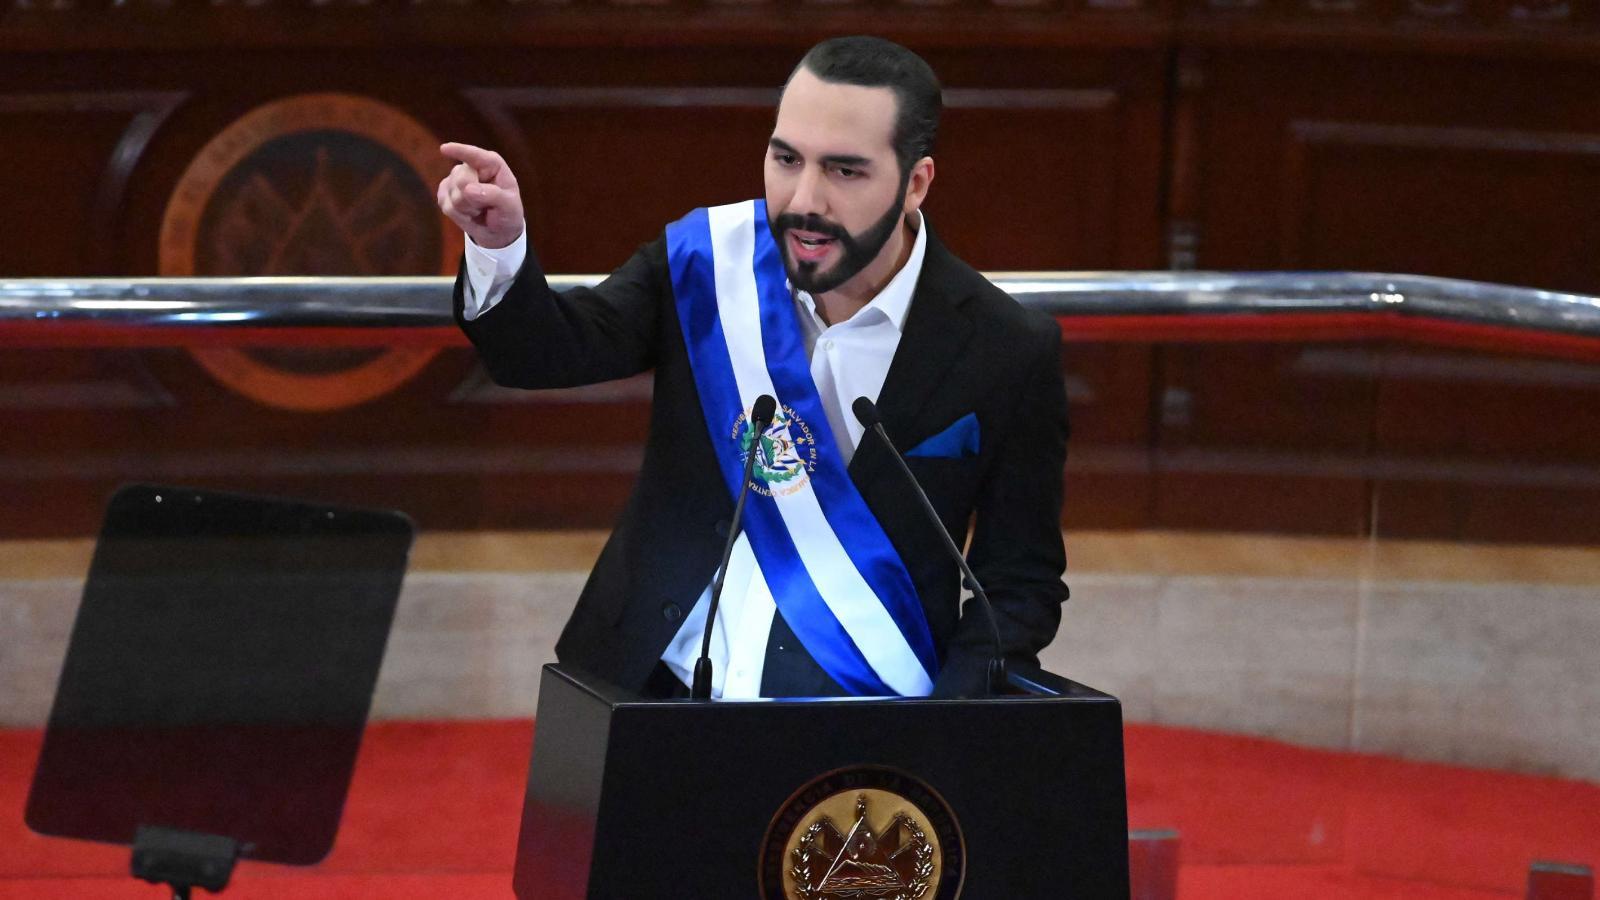 El presidente de El Salvador, Nayib Bukele, acusa a la comunidad internacional de financiar protestas contra su gobierno